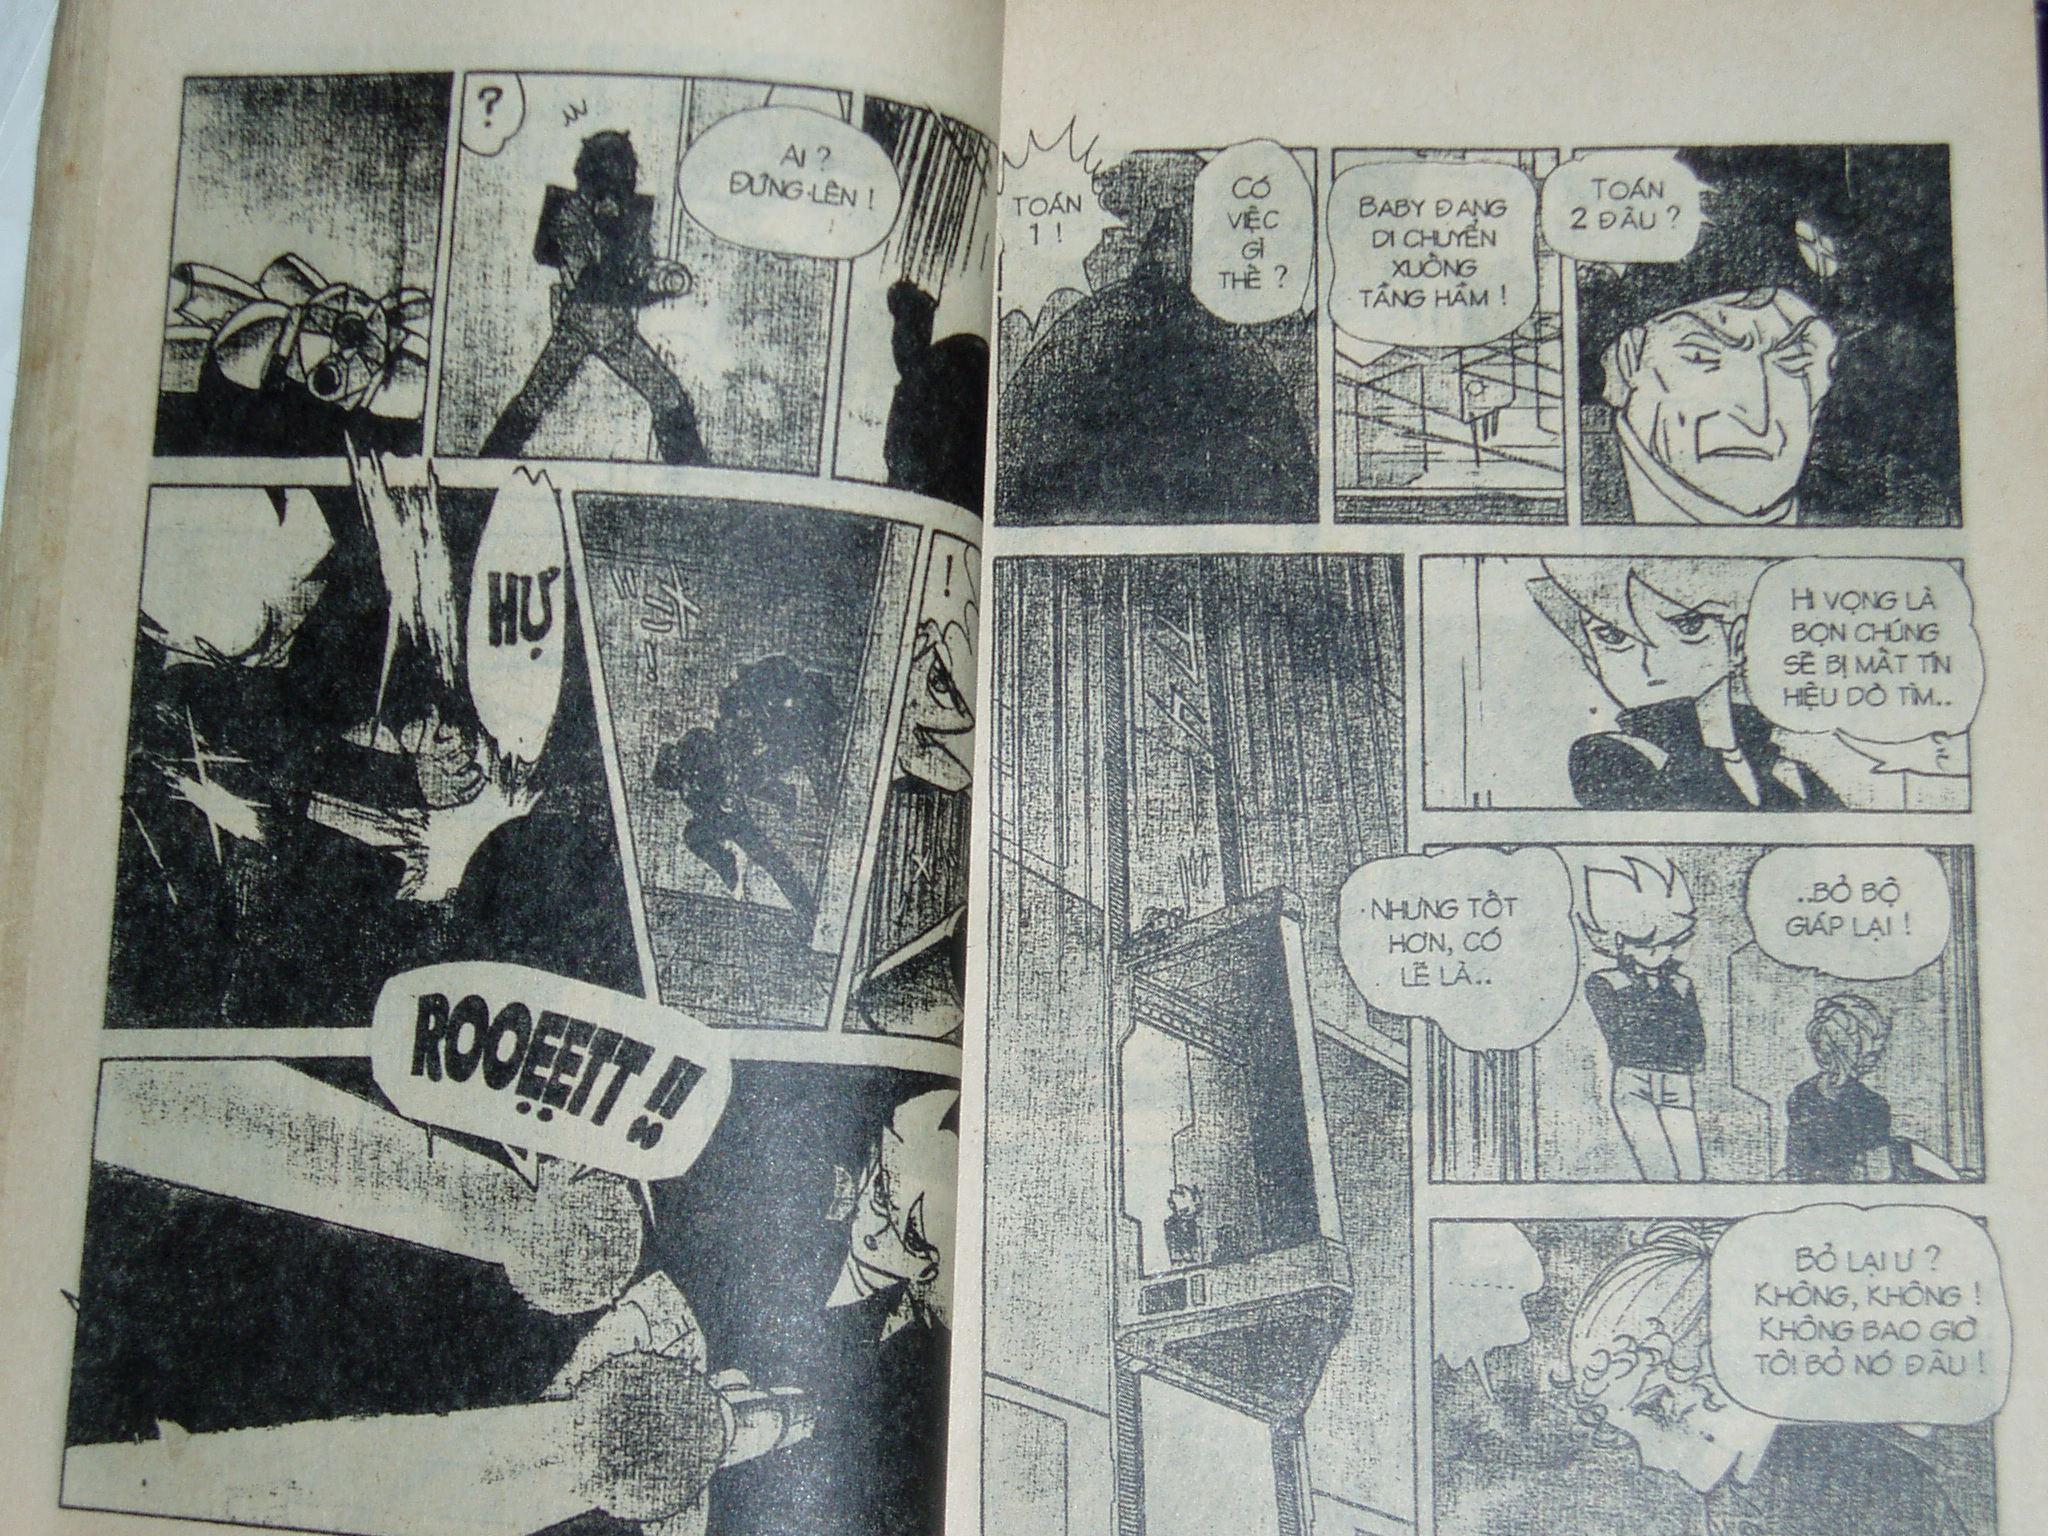 Siêu nhân Locke vol 16 trang 22